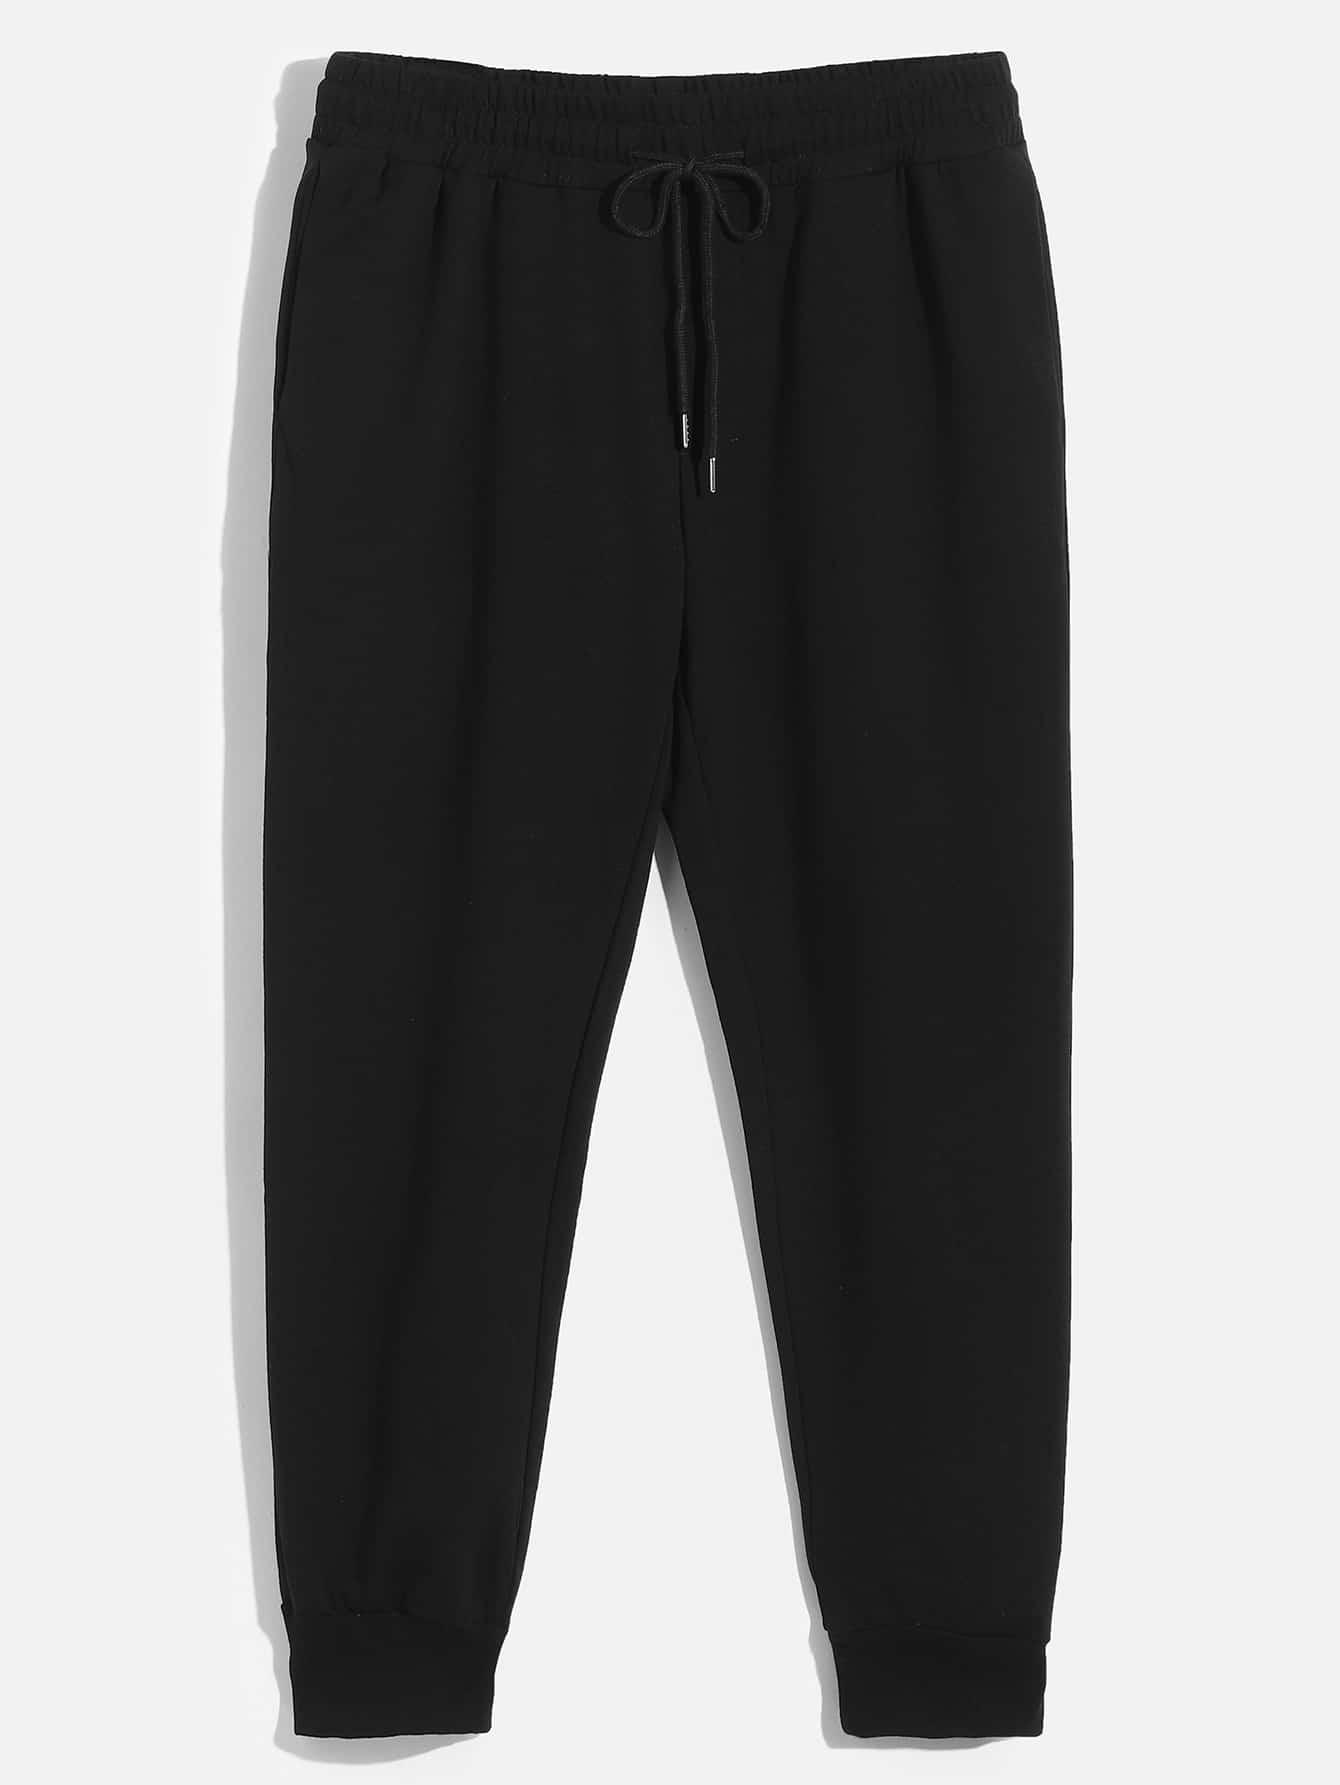 Купить Мужские однотонные спортивные брюки с кулиской, null, SheIn